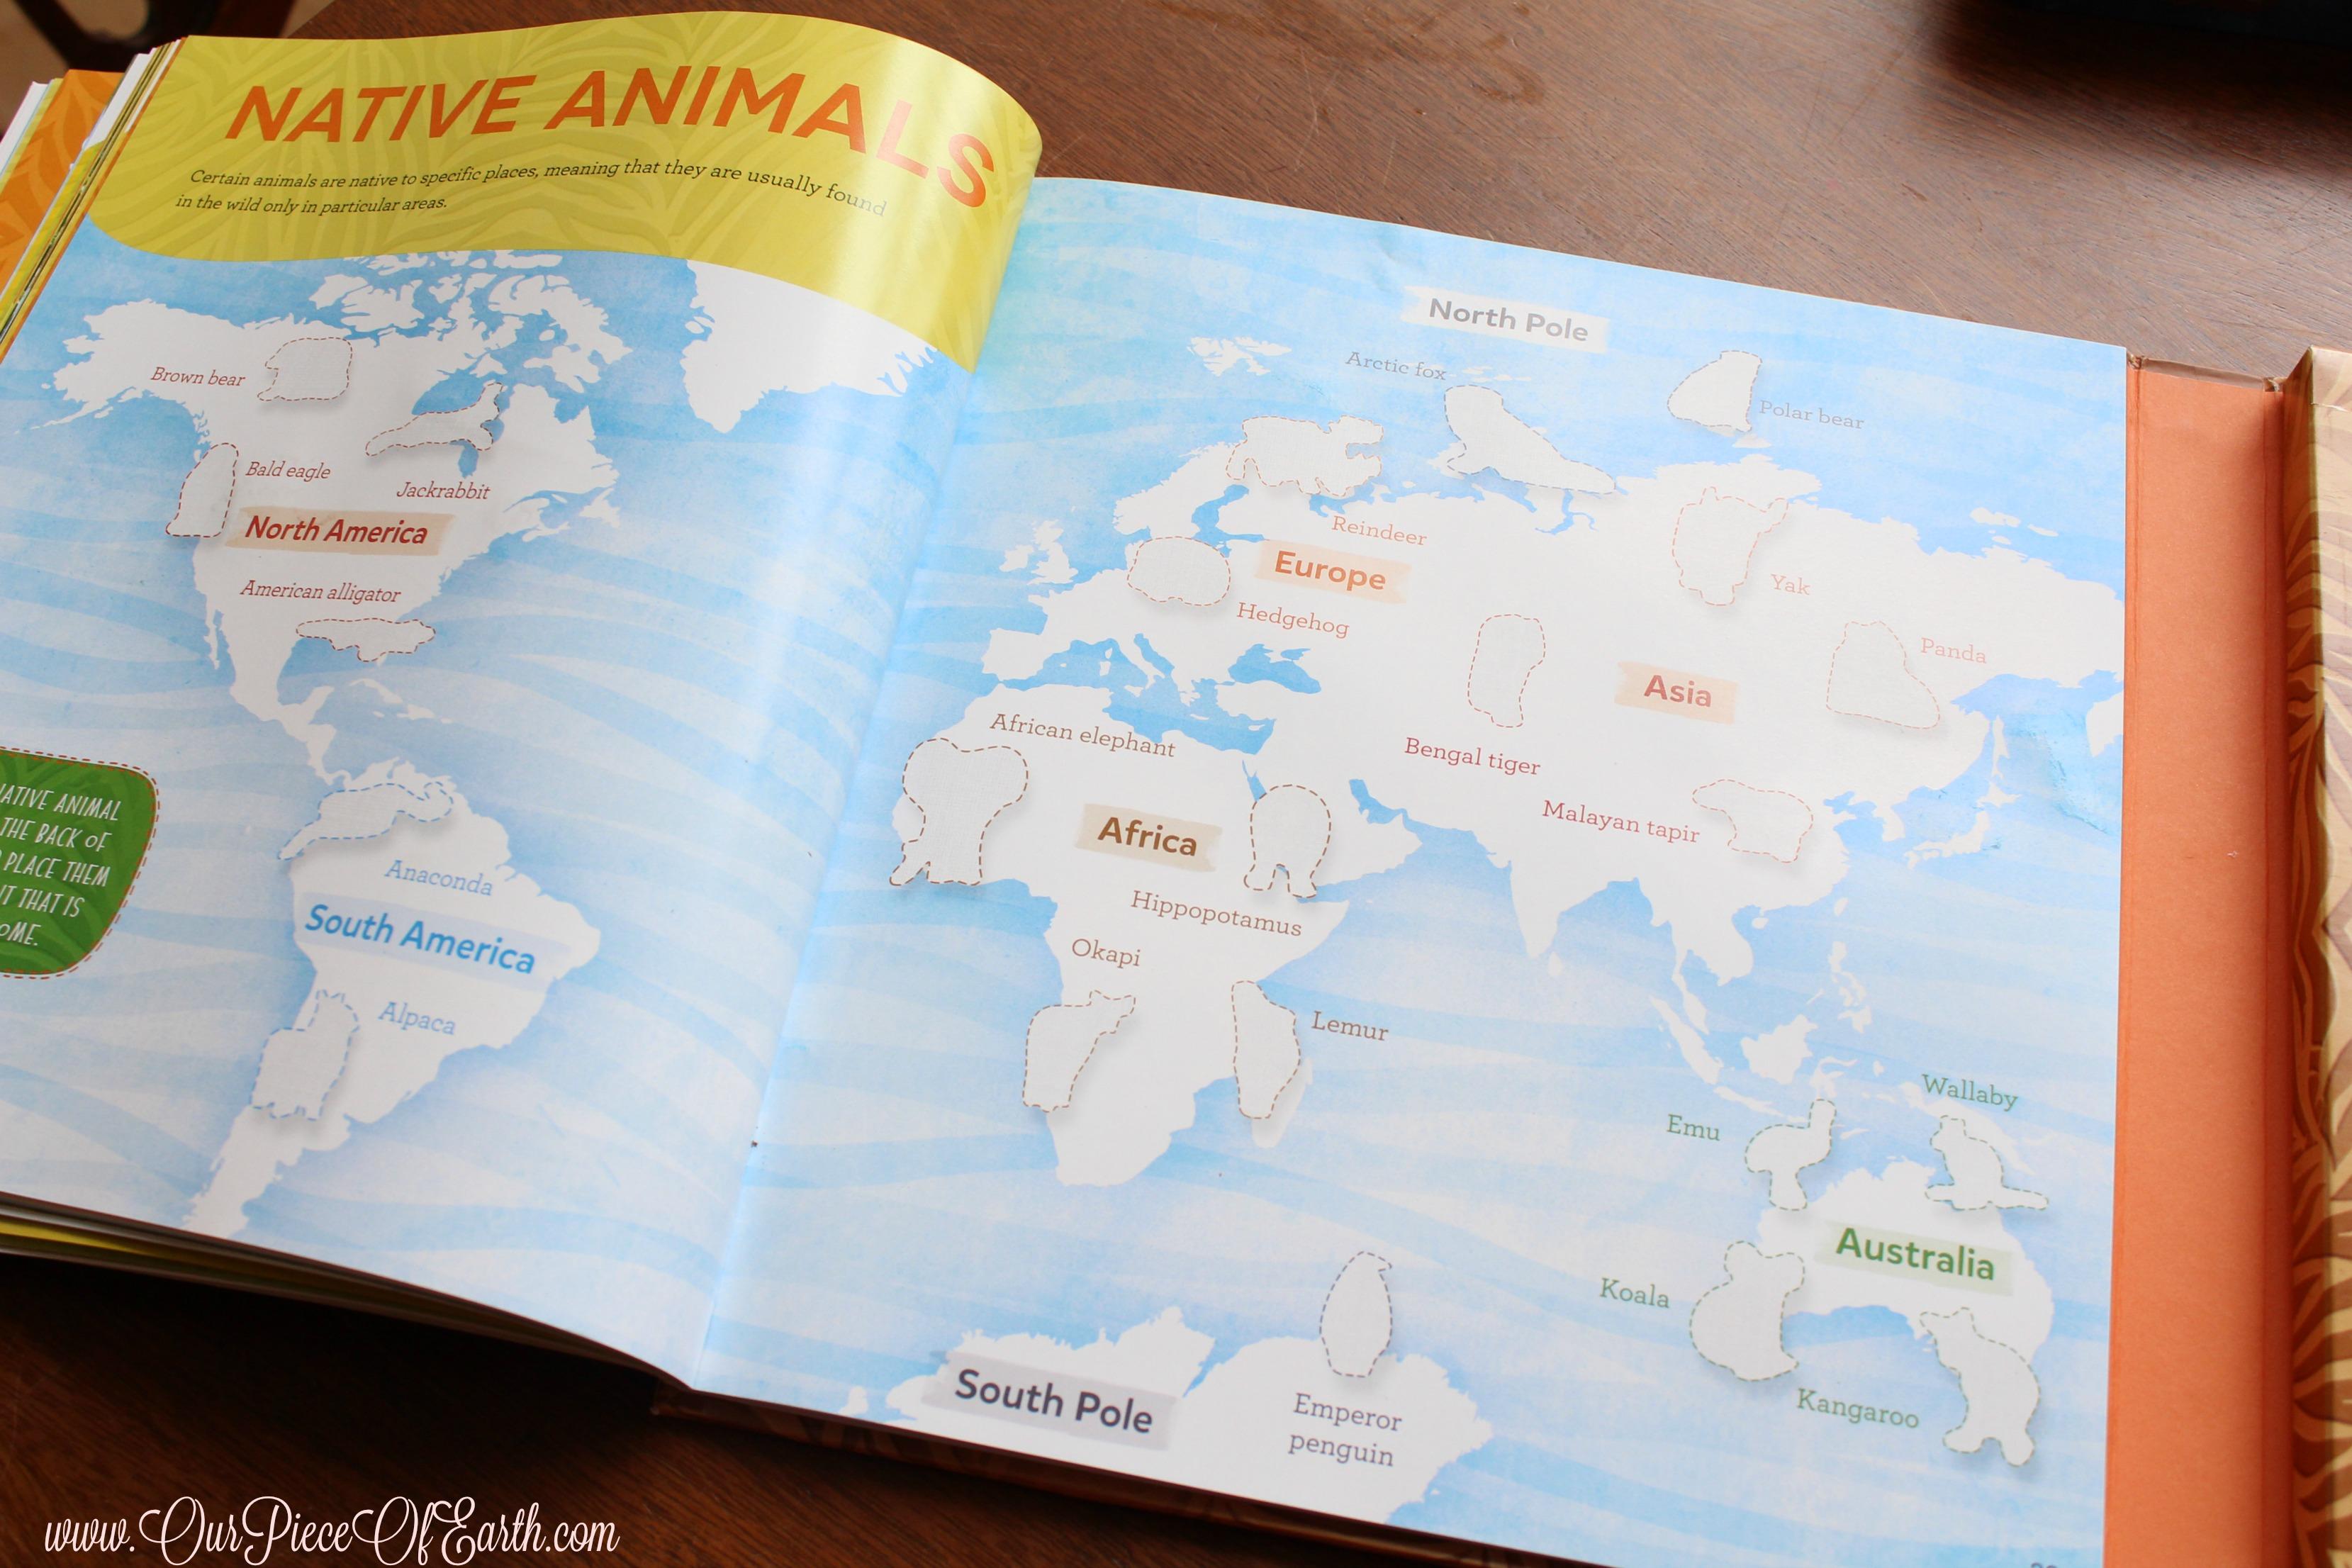 Native animals sticker book